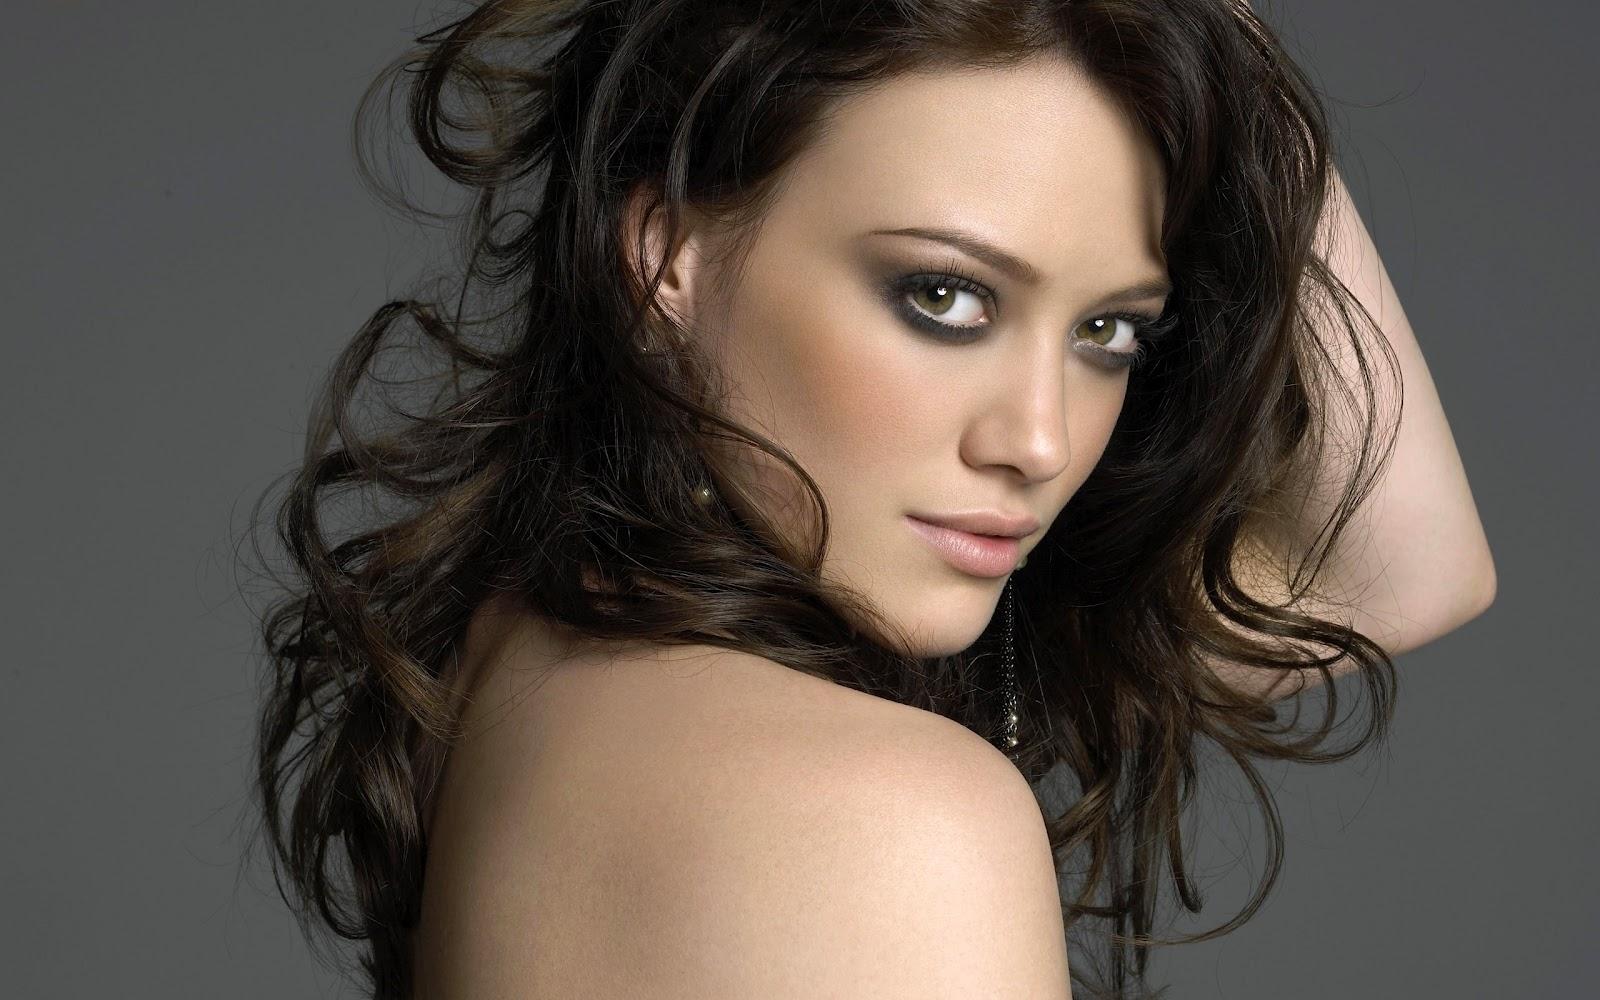 http://4.bp.blogspot.com/-2uPi9q4lh1o/UCUHcn9trZI/AAAAAAAACPo/mj2j_iuO6pU/s1600/Hilary+Duff+HD+Wallpaper.jpg